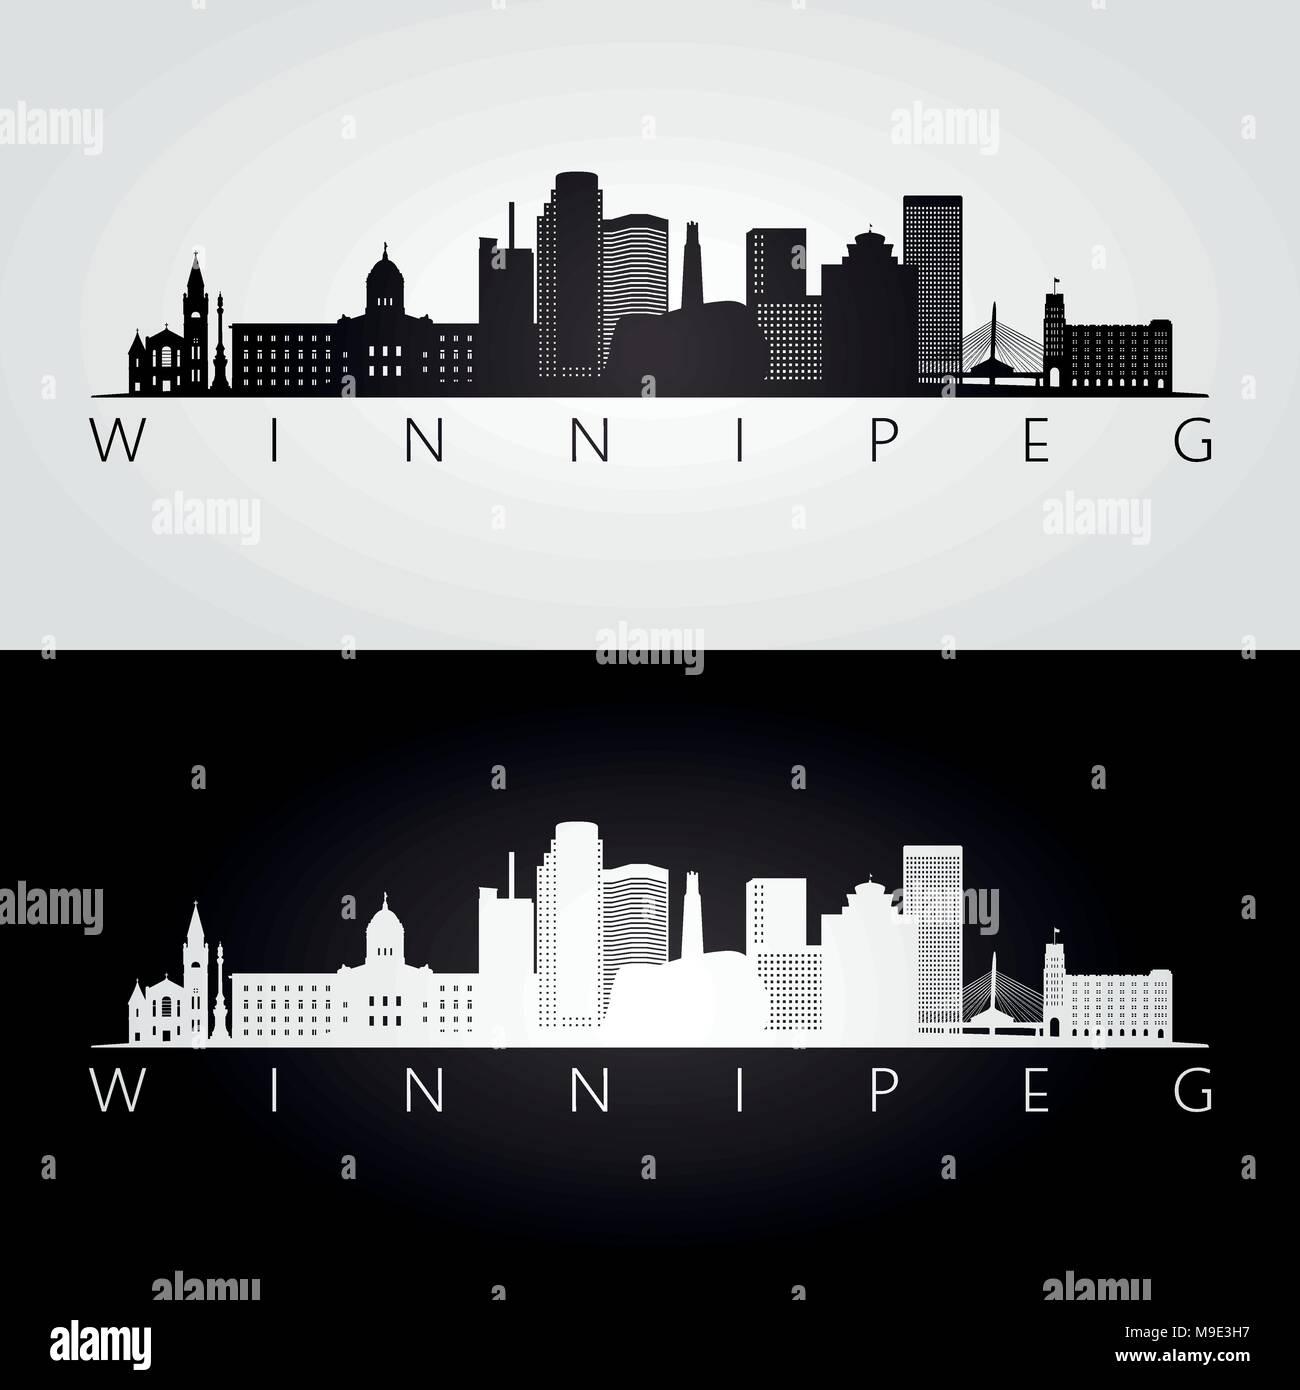 Winnipeg Skyline Silhouette Metal License Plate